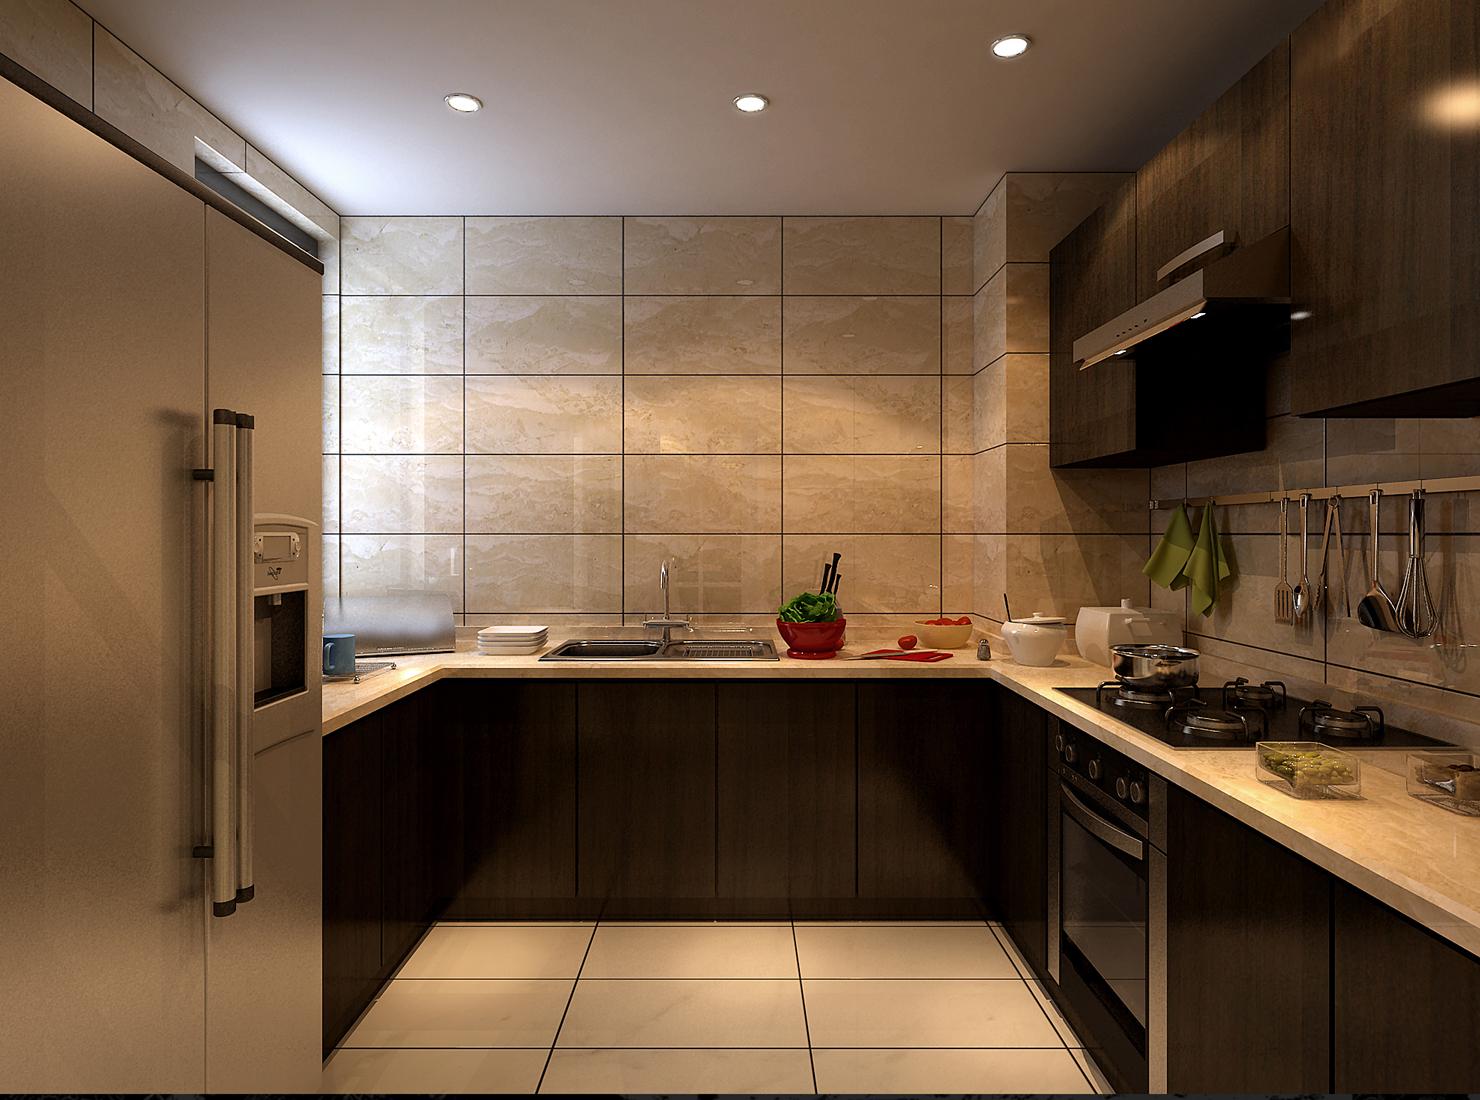 桃花源田庄 别墅装修 中式风格 腾龙设计 厨房图片来自孔继民在桃花源田庄 别墅新中式风格设计的分享